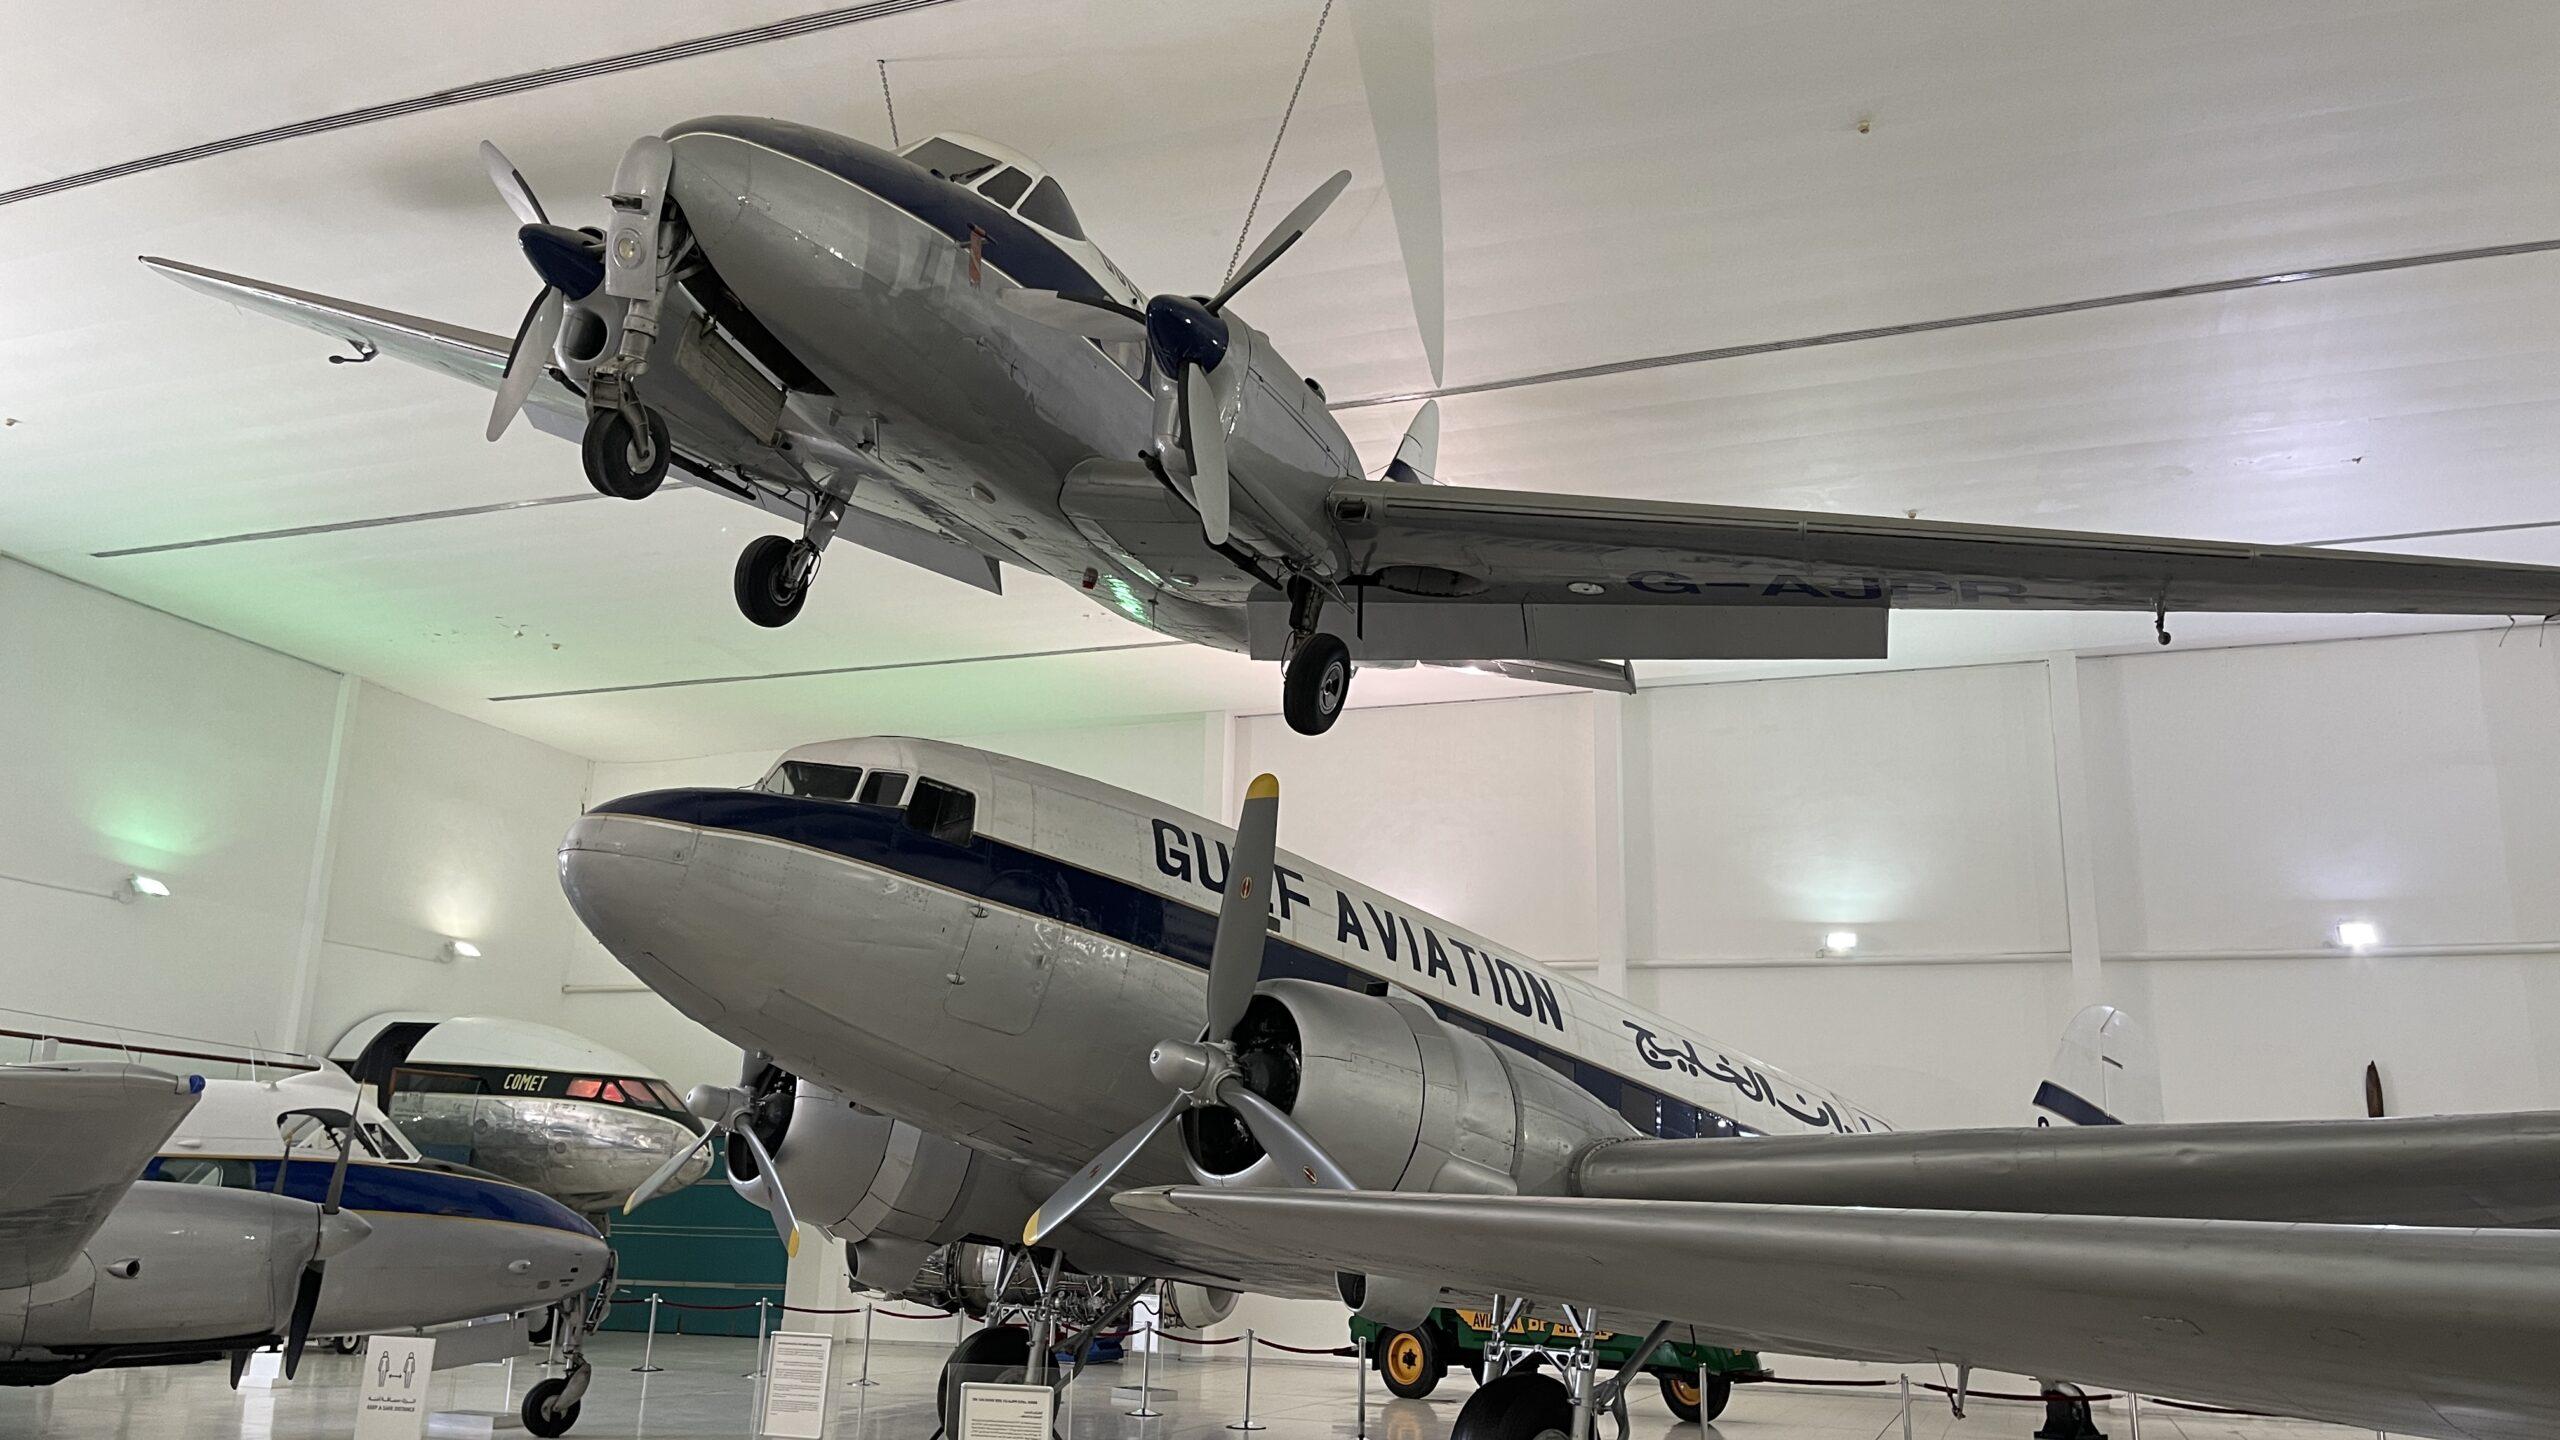 متحف المحطة- متحف الشارقة للطيرانمتحف المحطة- متحف الشارقة للطيران